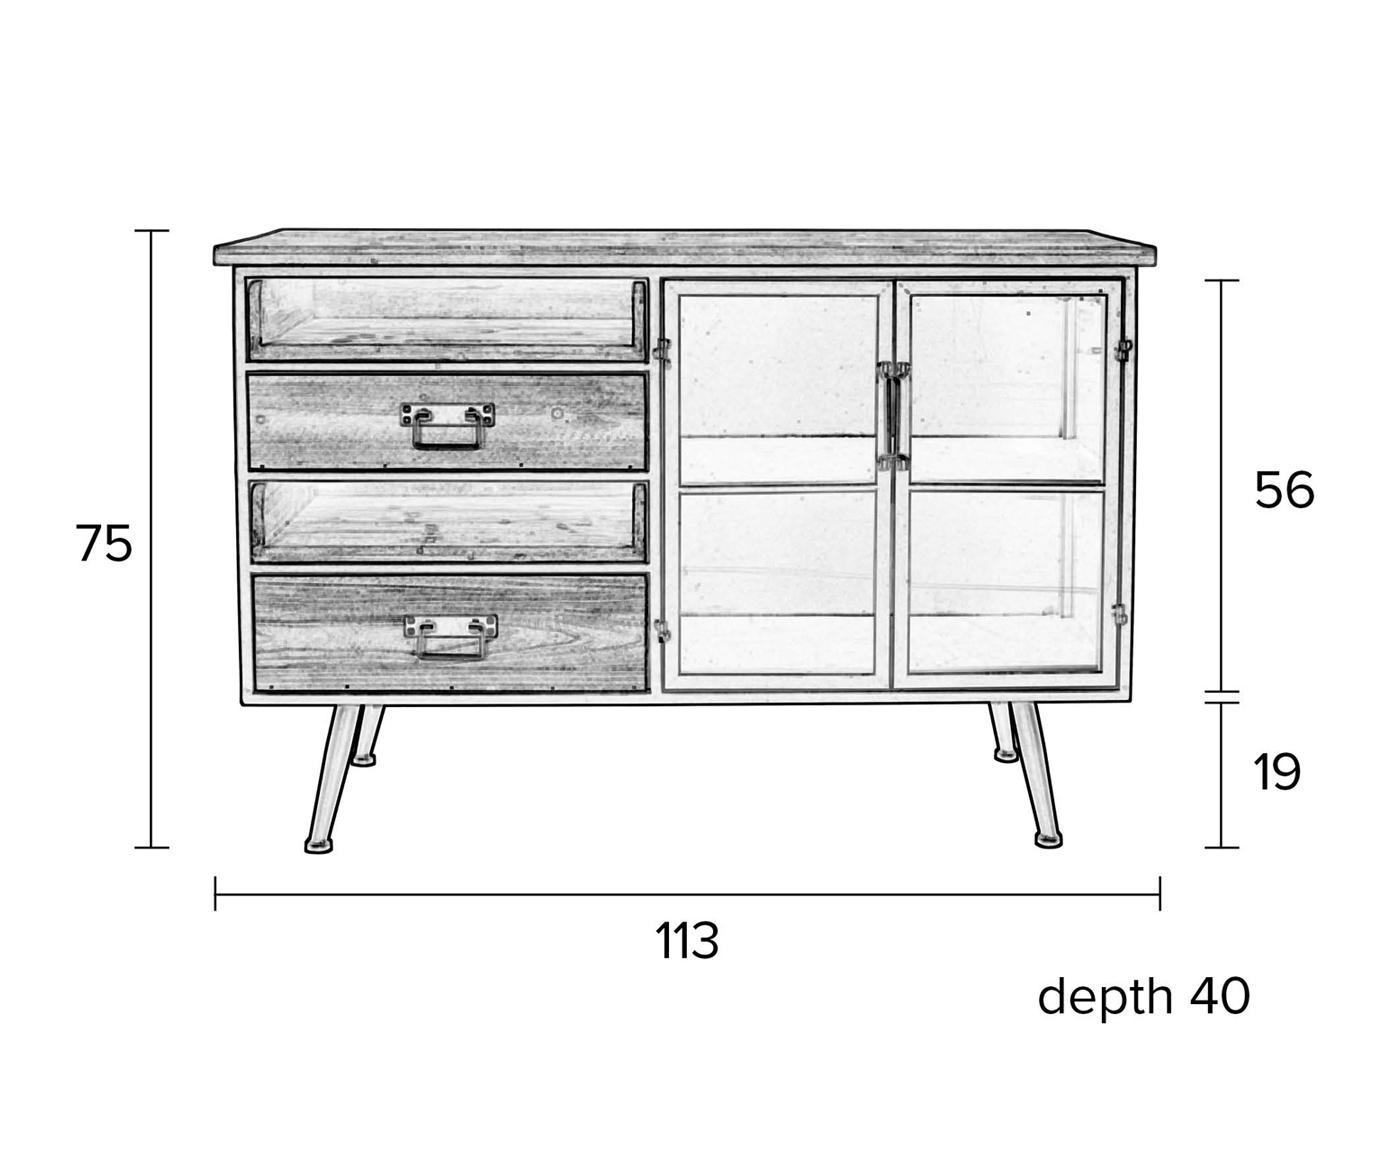 Kommode Damian aus Holz und Metall, Schrankboden, Gestell, Griffe, Füsse: GrauSchubladen: Tannenholz, 113 x 75 cm